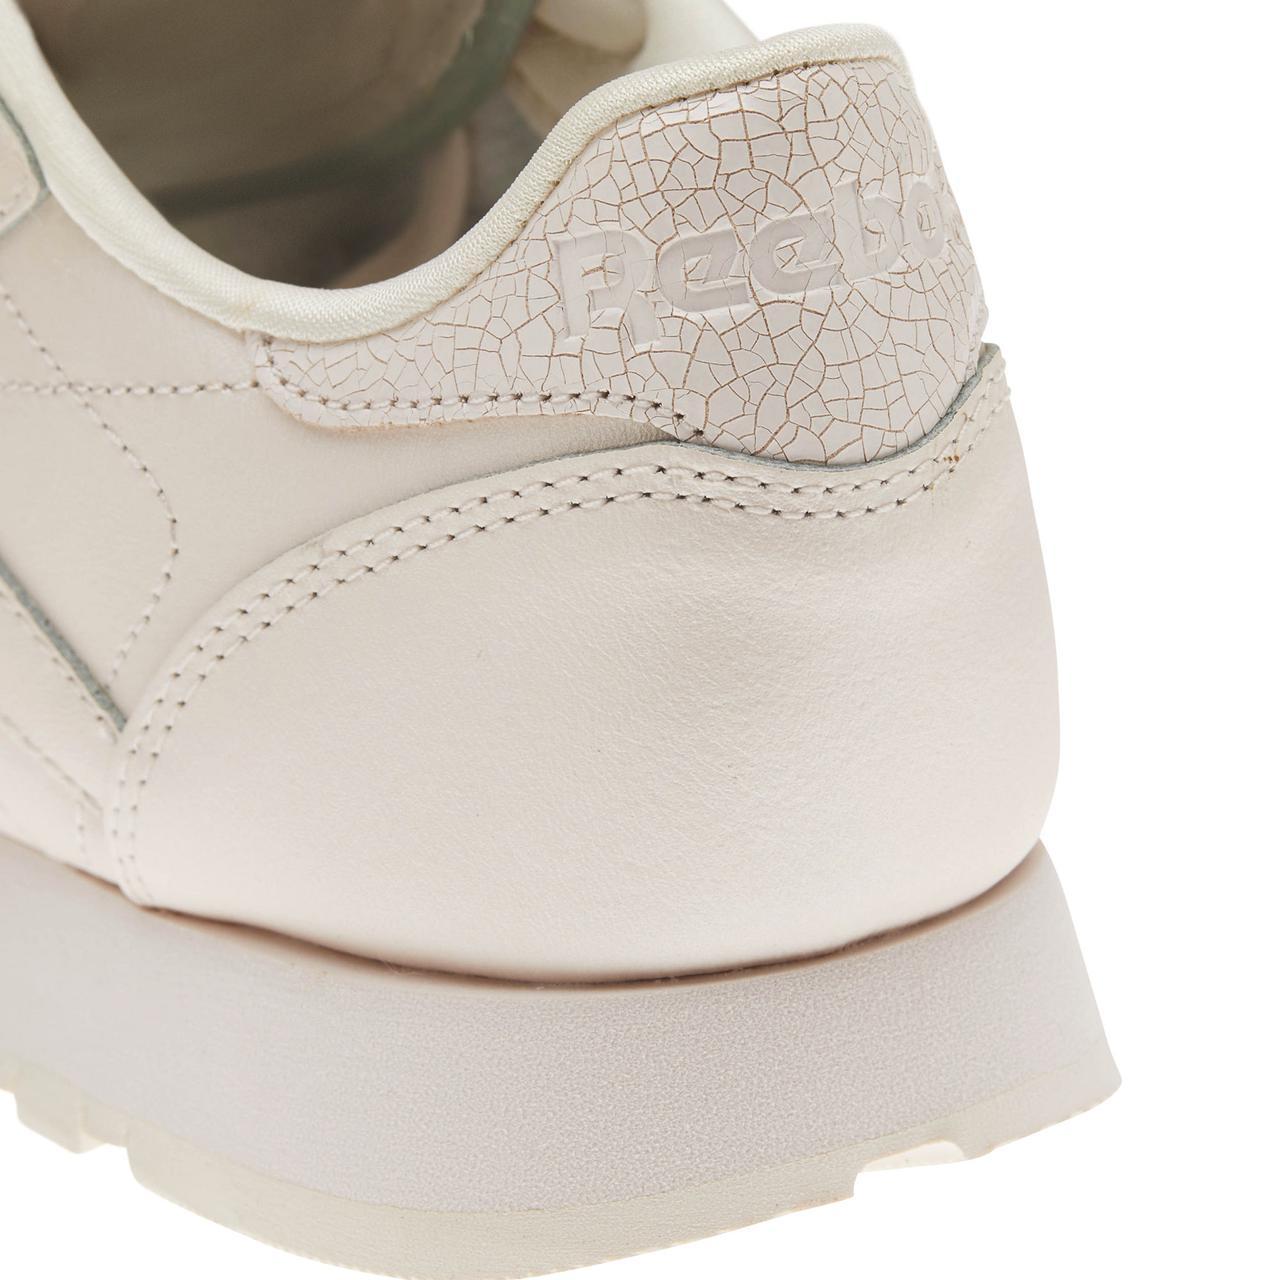 595604d8609 Купить Женские кроссовки Reebok Classic Leather (Артикул  CN5467) в ...